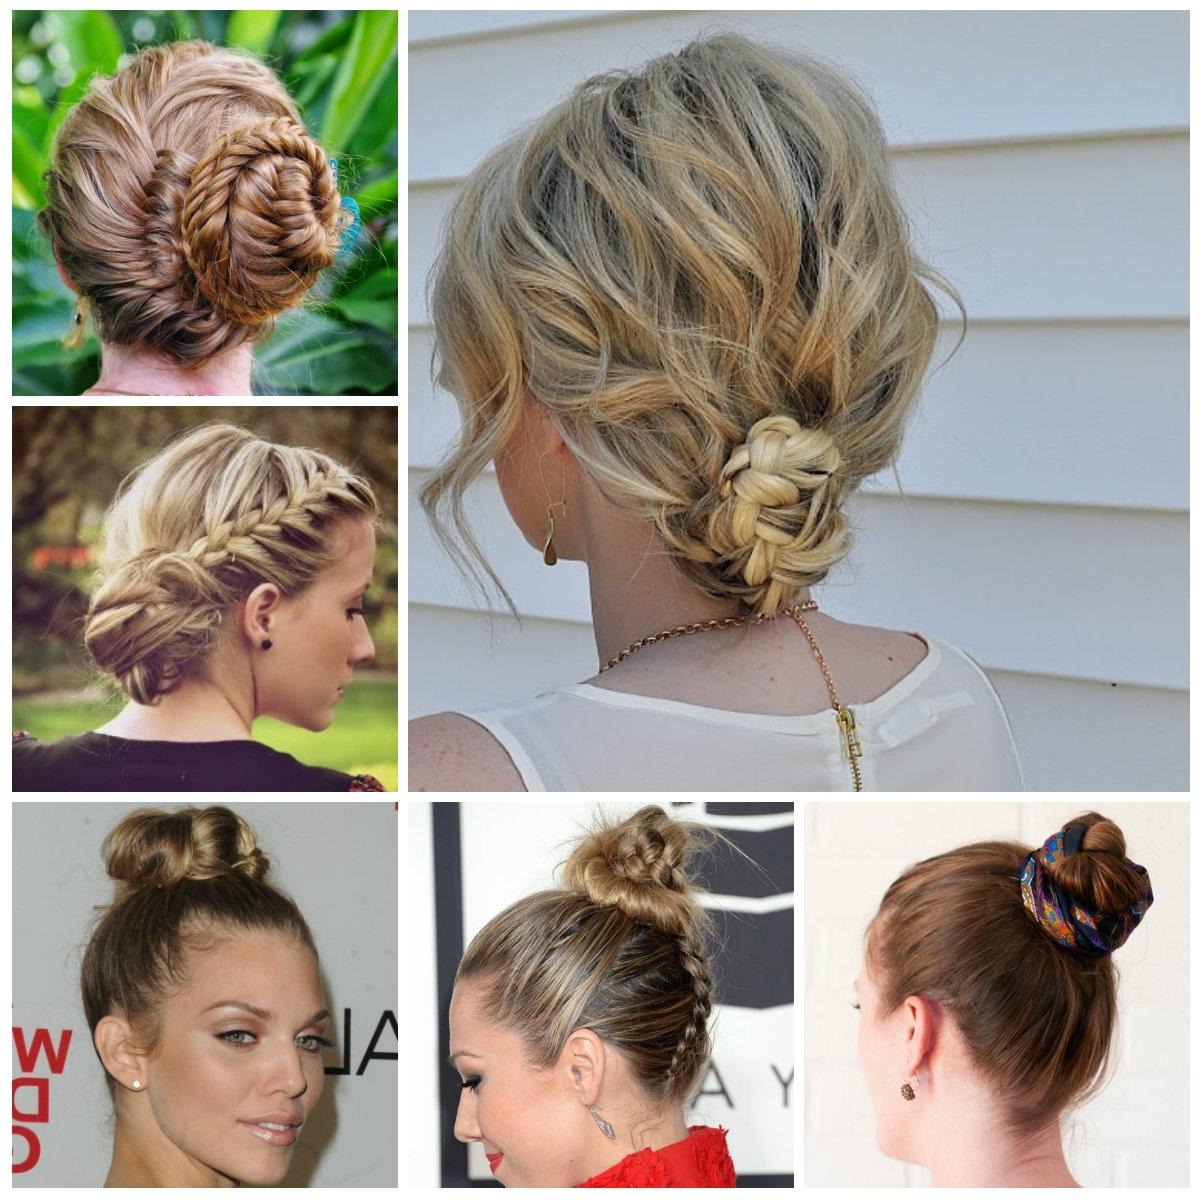 2017 Braided Bun Hairstyles In Cute Braided Bun Hairstyles 2016 Best Of Hairstyles With Braids And (View 1 of 15)